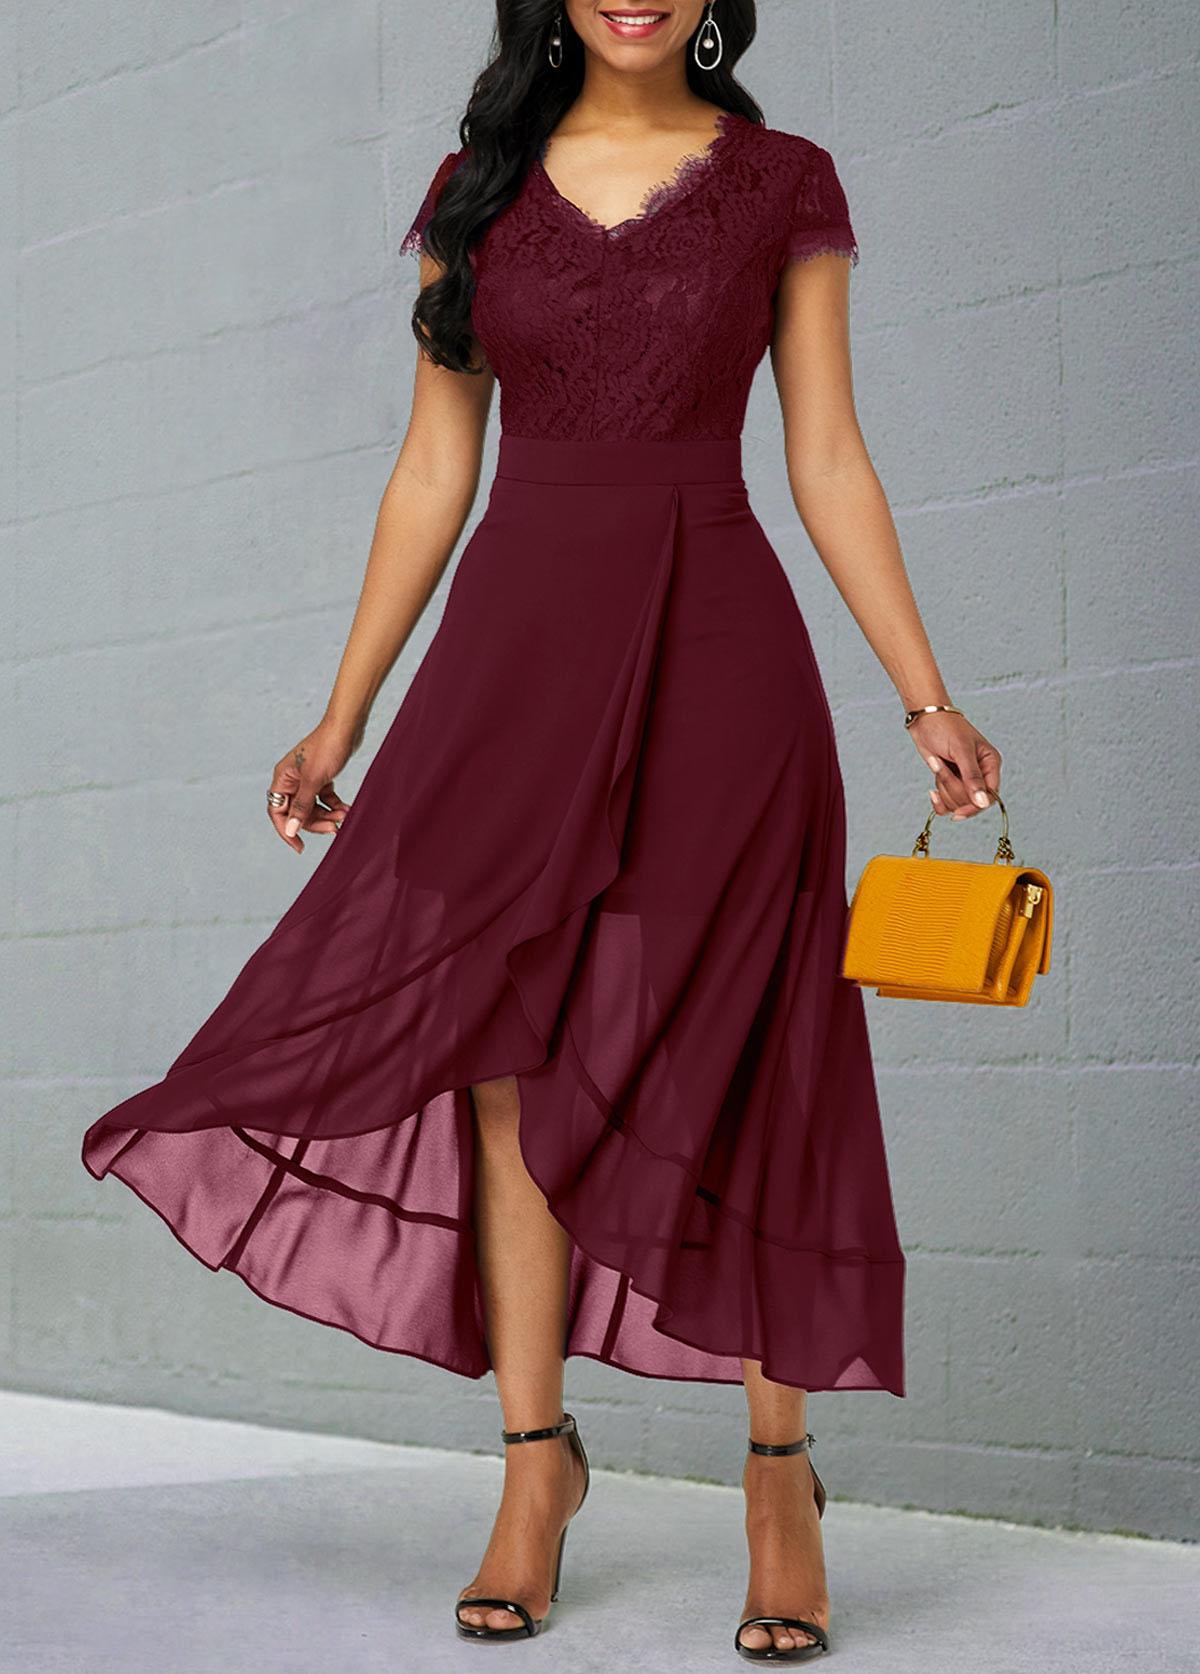 ROTITA Lace Patchwork Chiffon Short Sleeve Dress